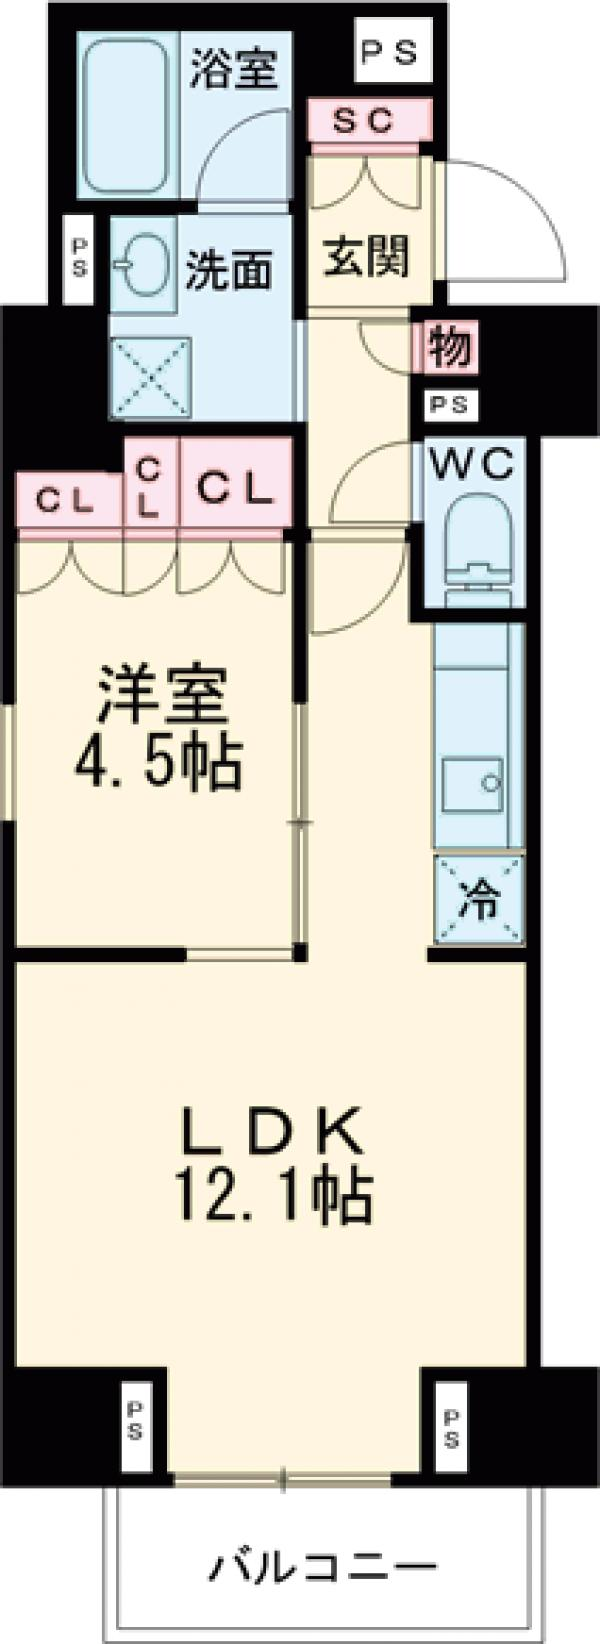 プラウドフラット西早稲田・501号室の間取り